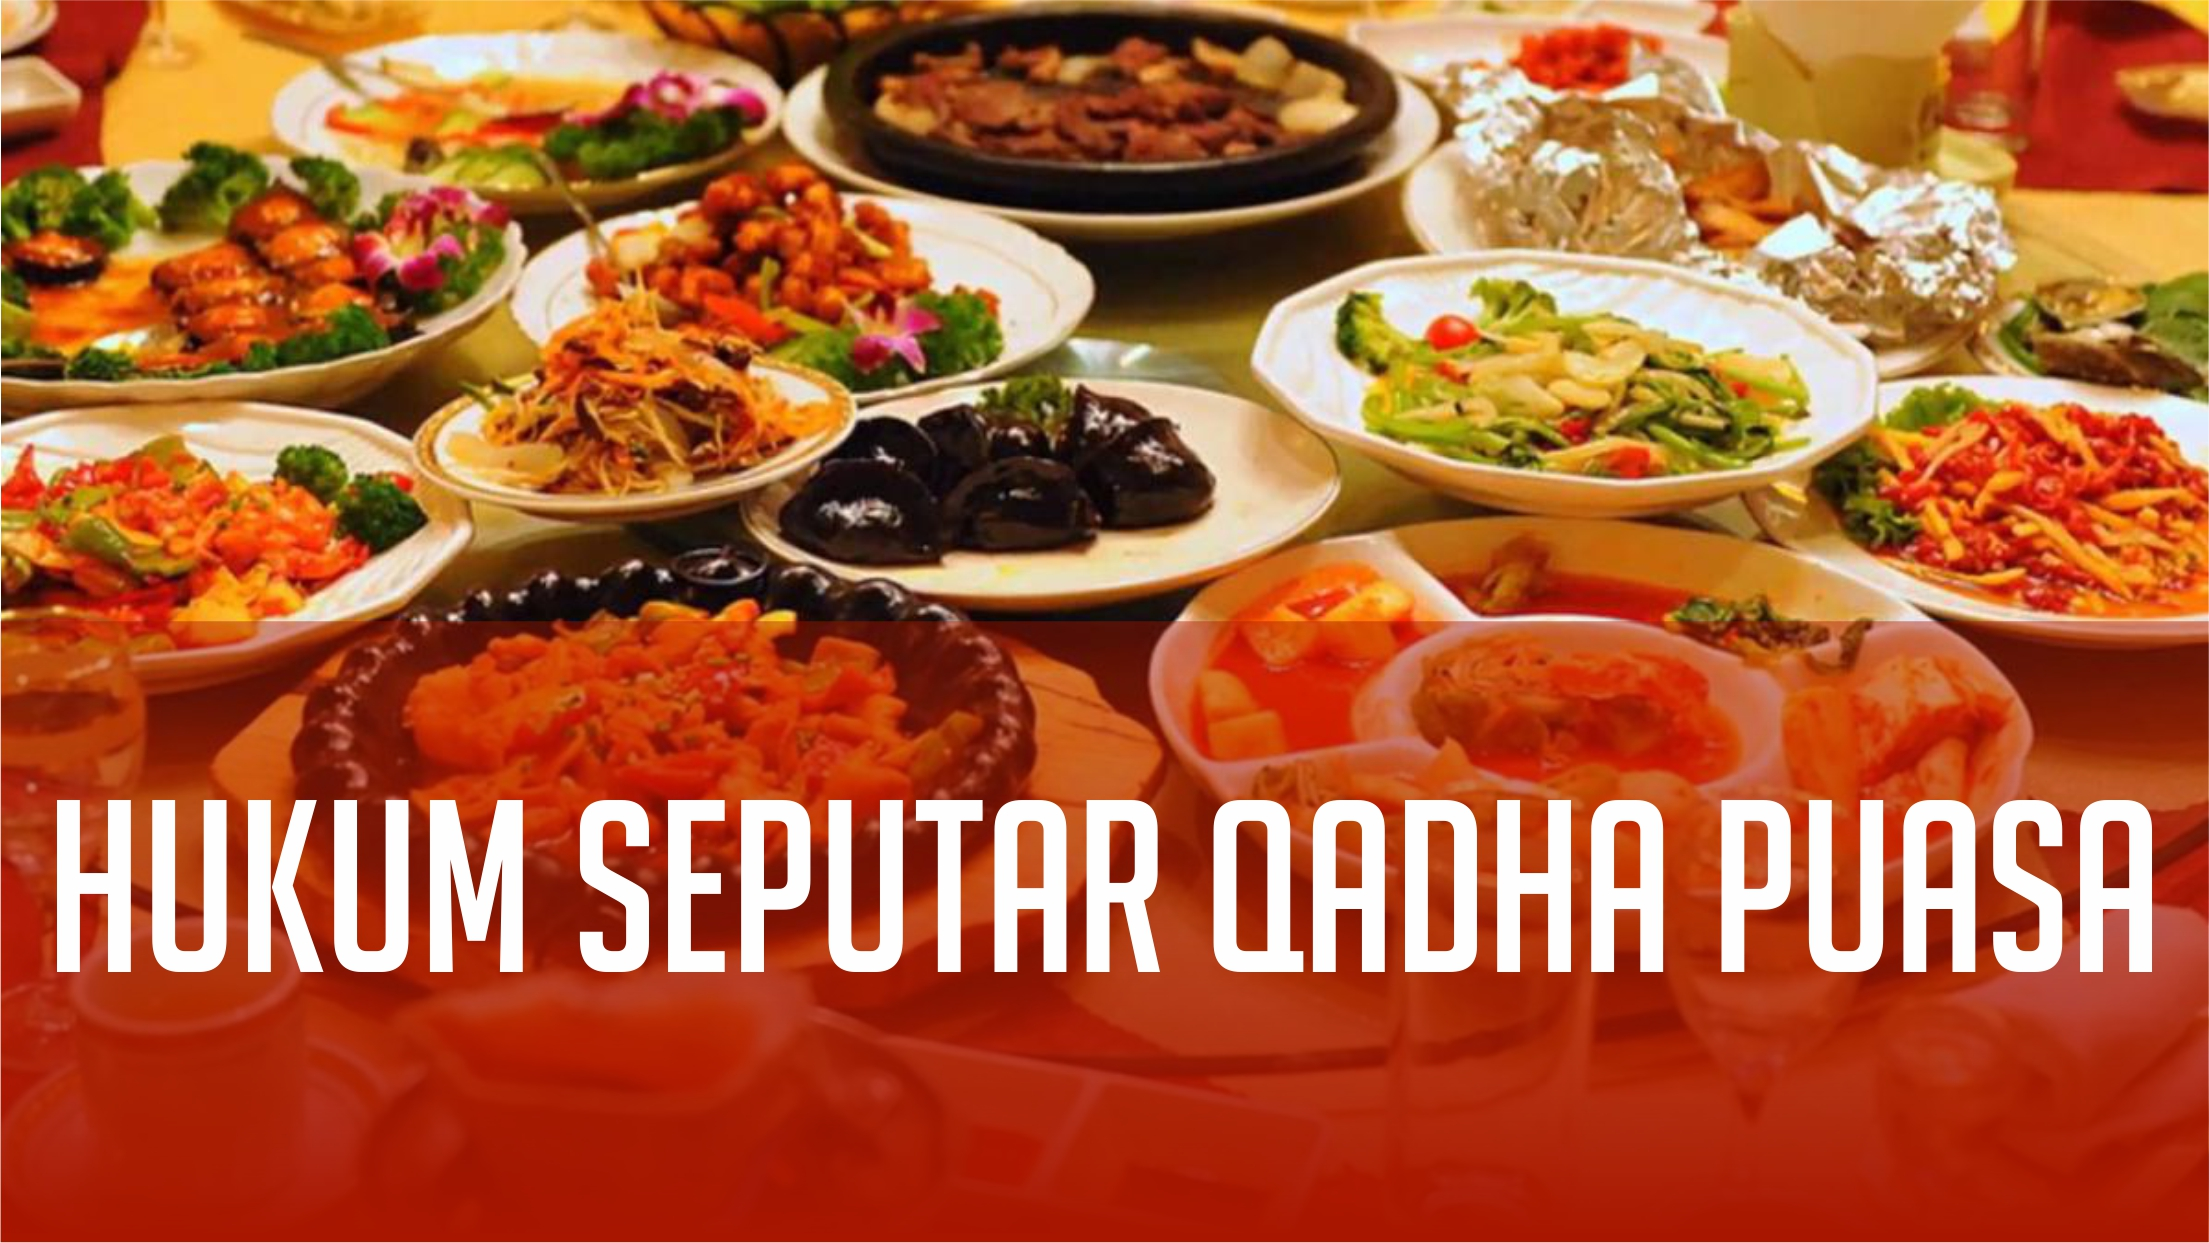 Hukum Seputar Qadha Puasa